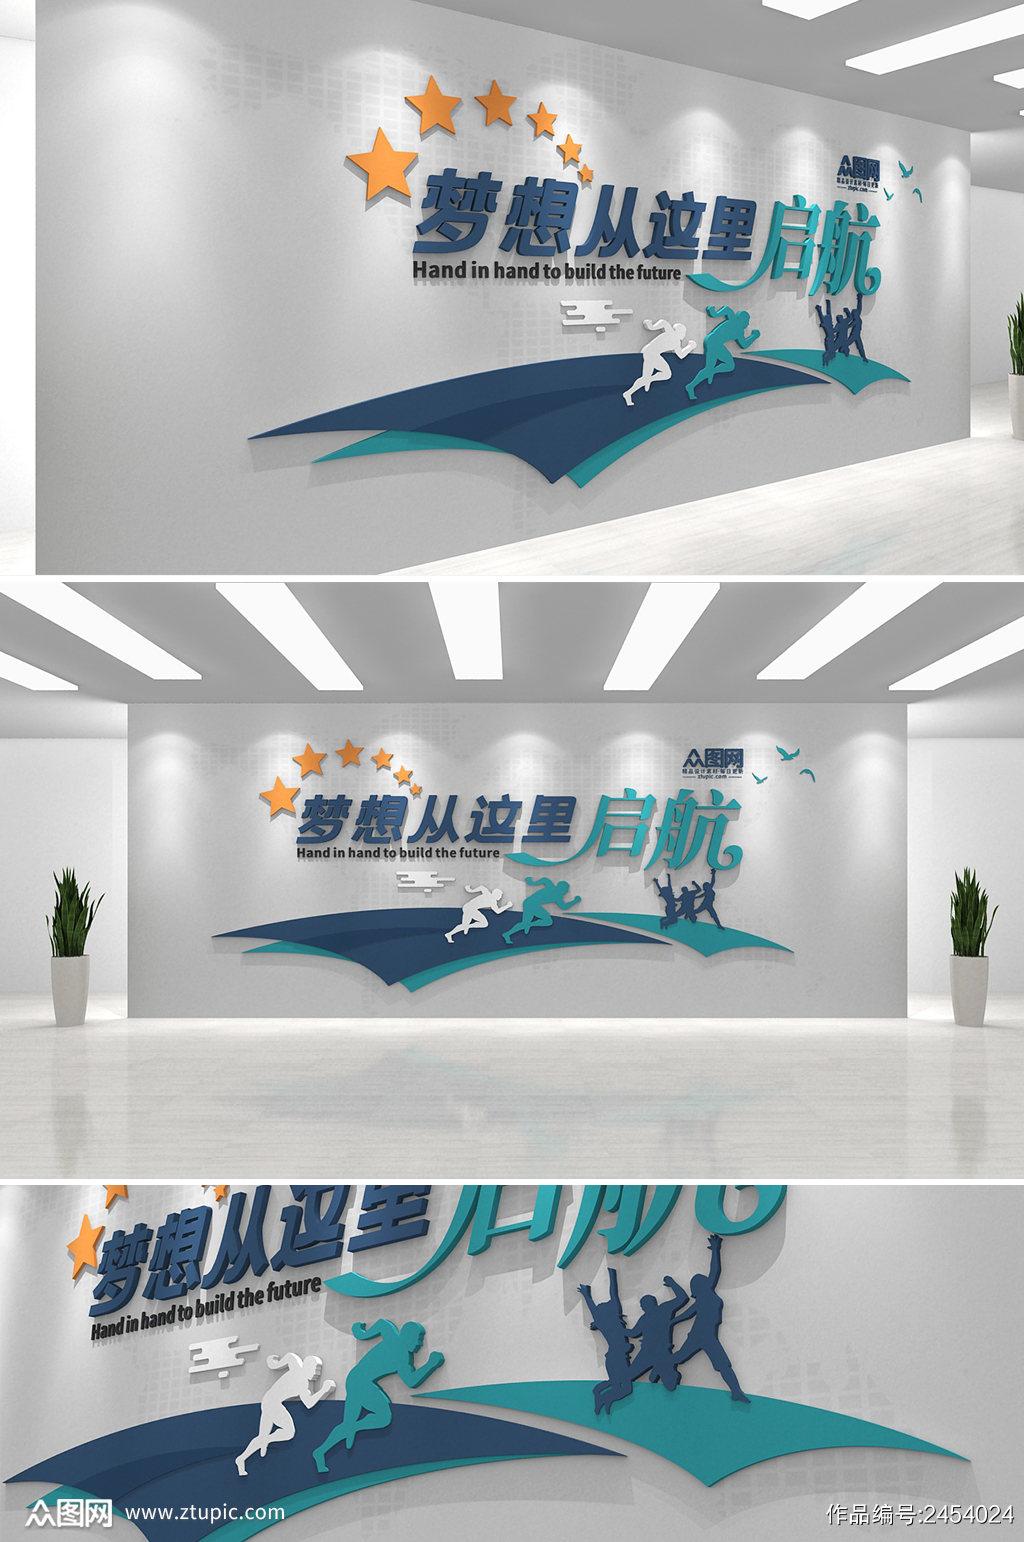 企业标语励志口号创业努力企业文化墙素材